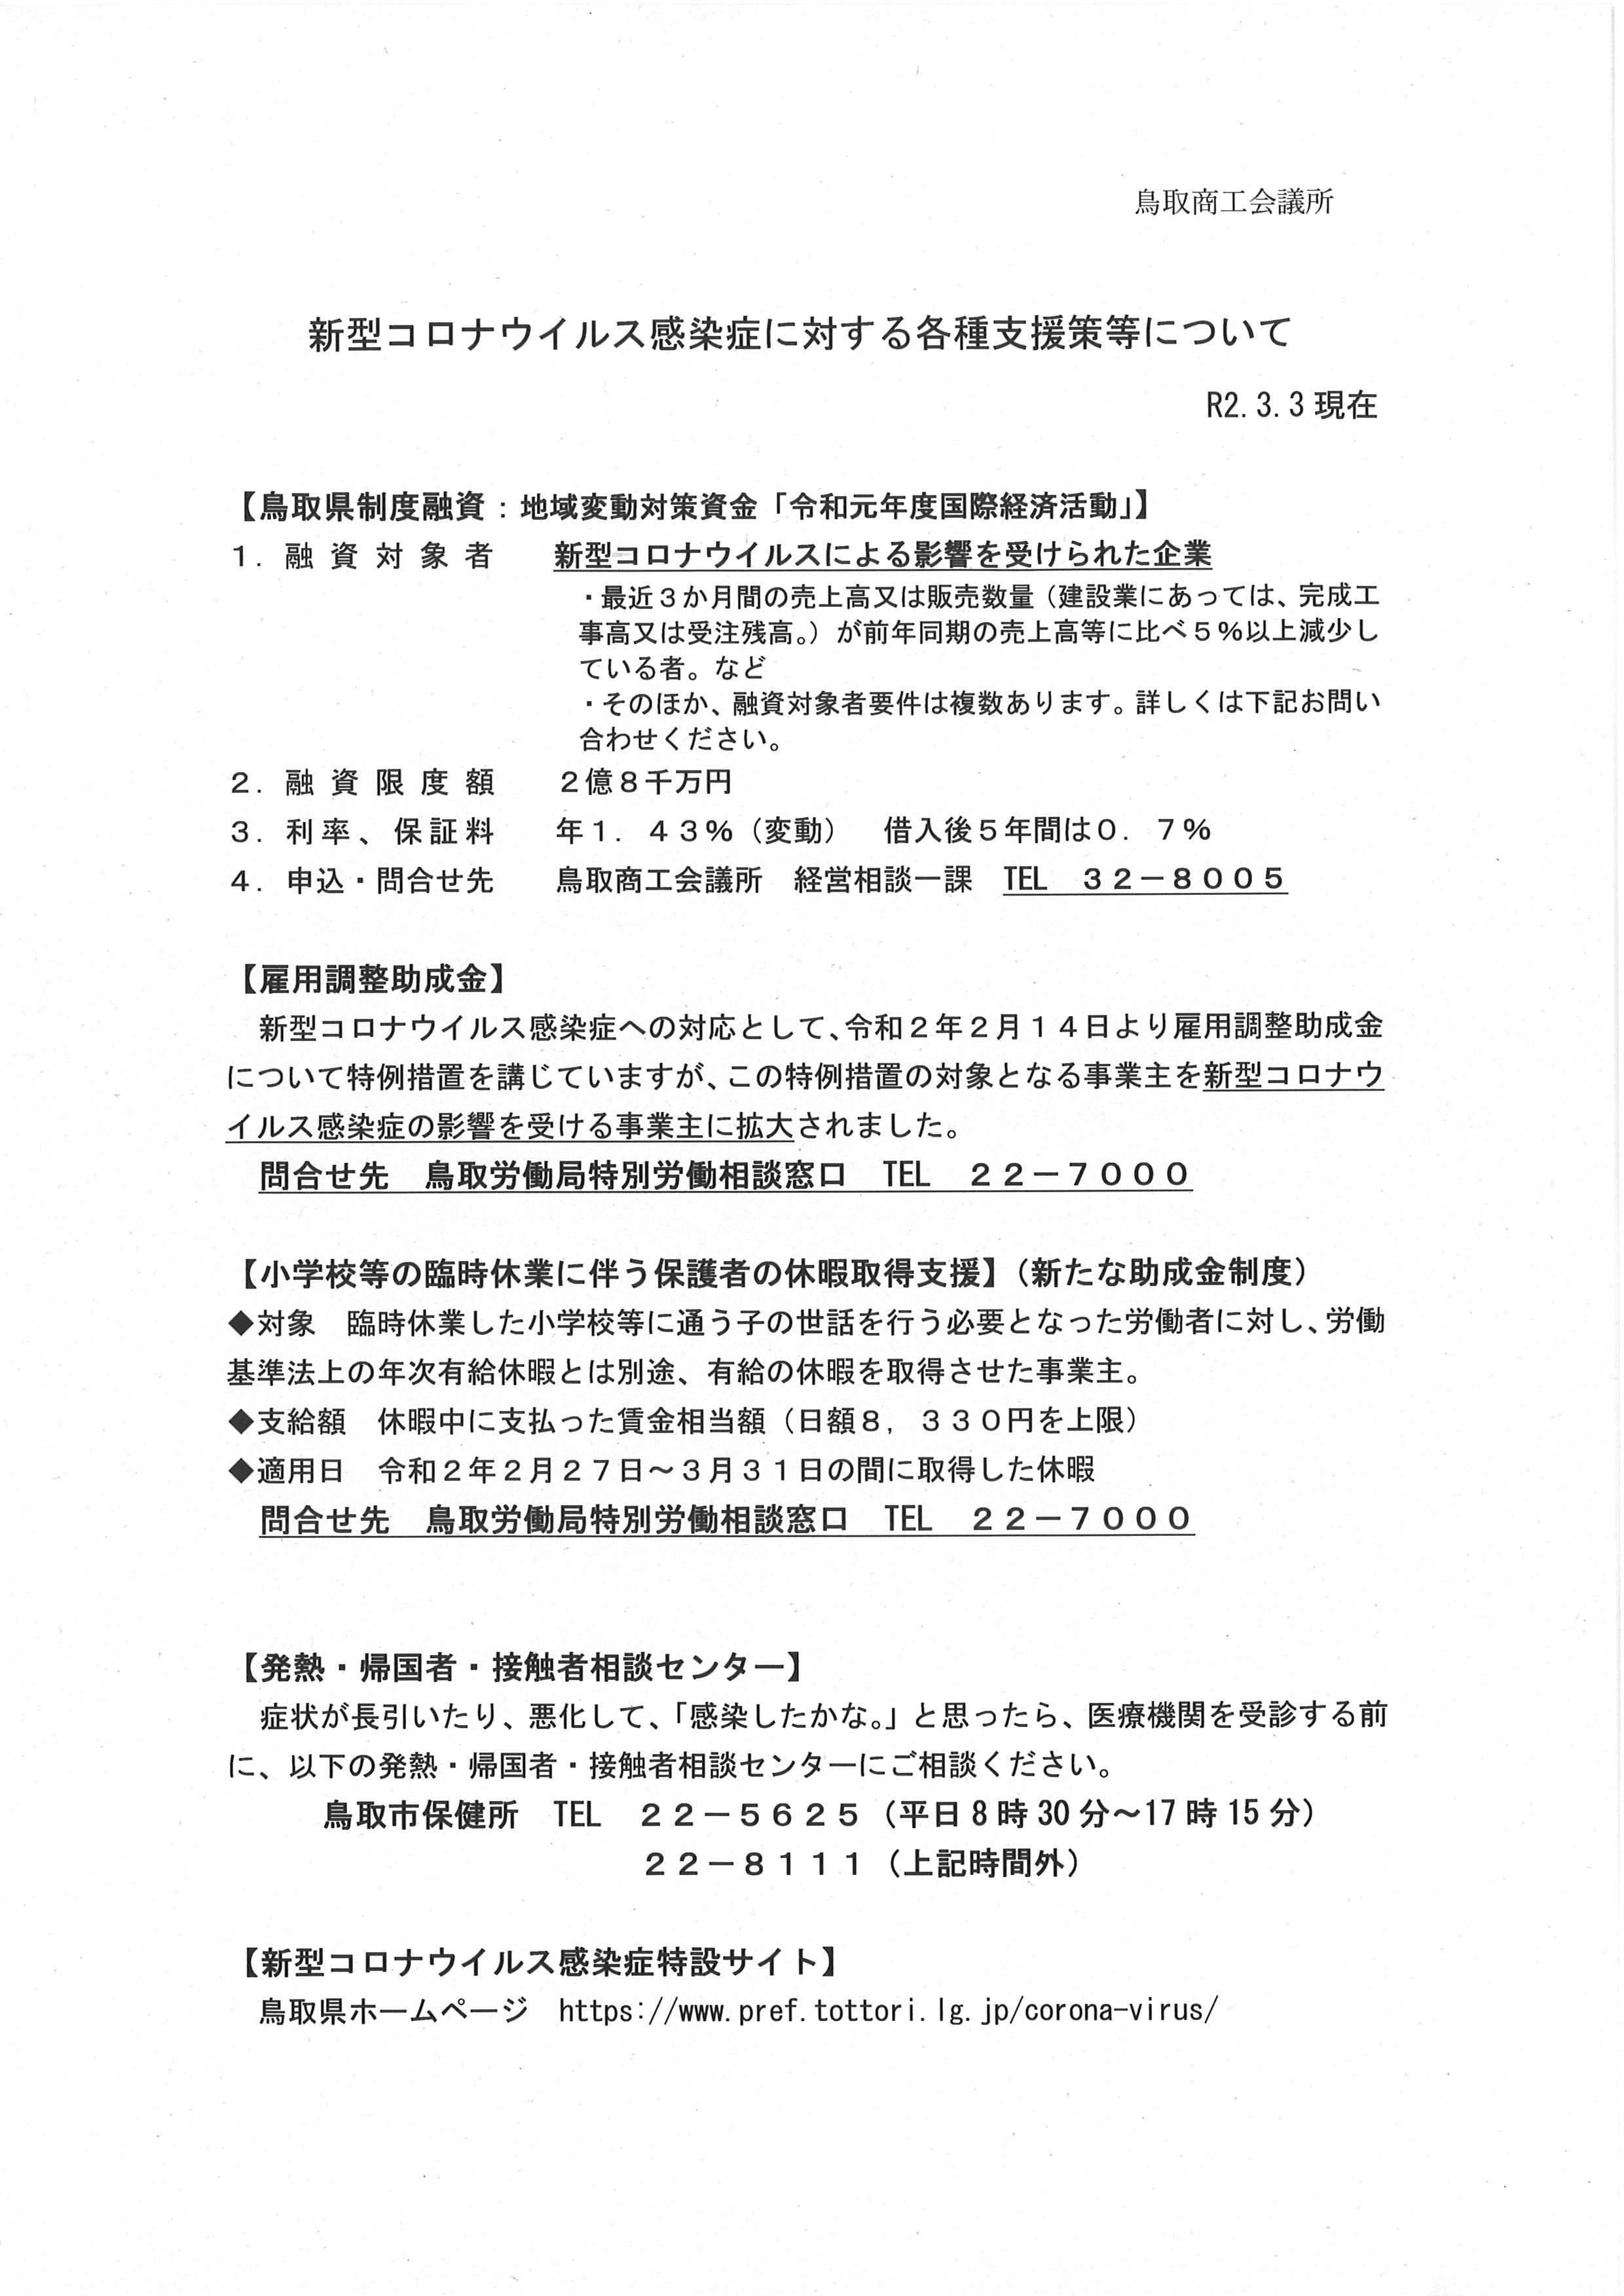 感染 コロナ 者 鳥取 県 ウイルス